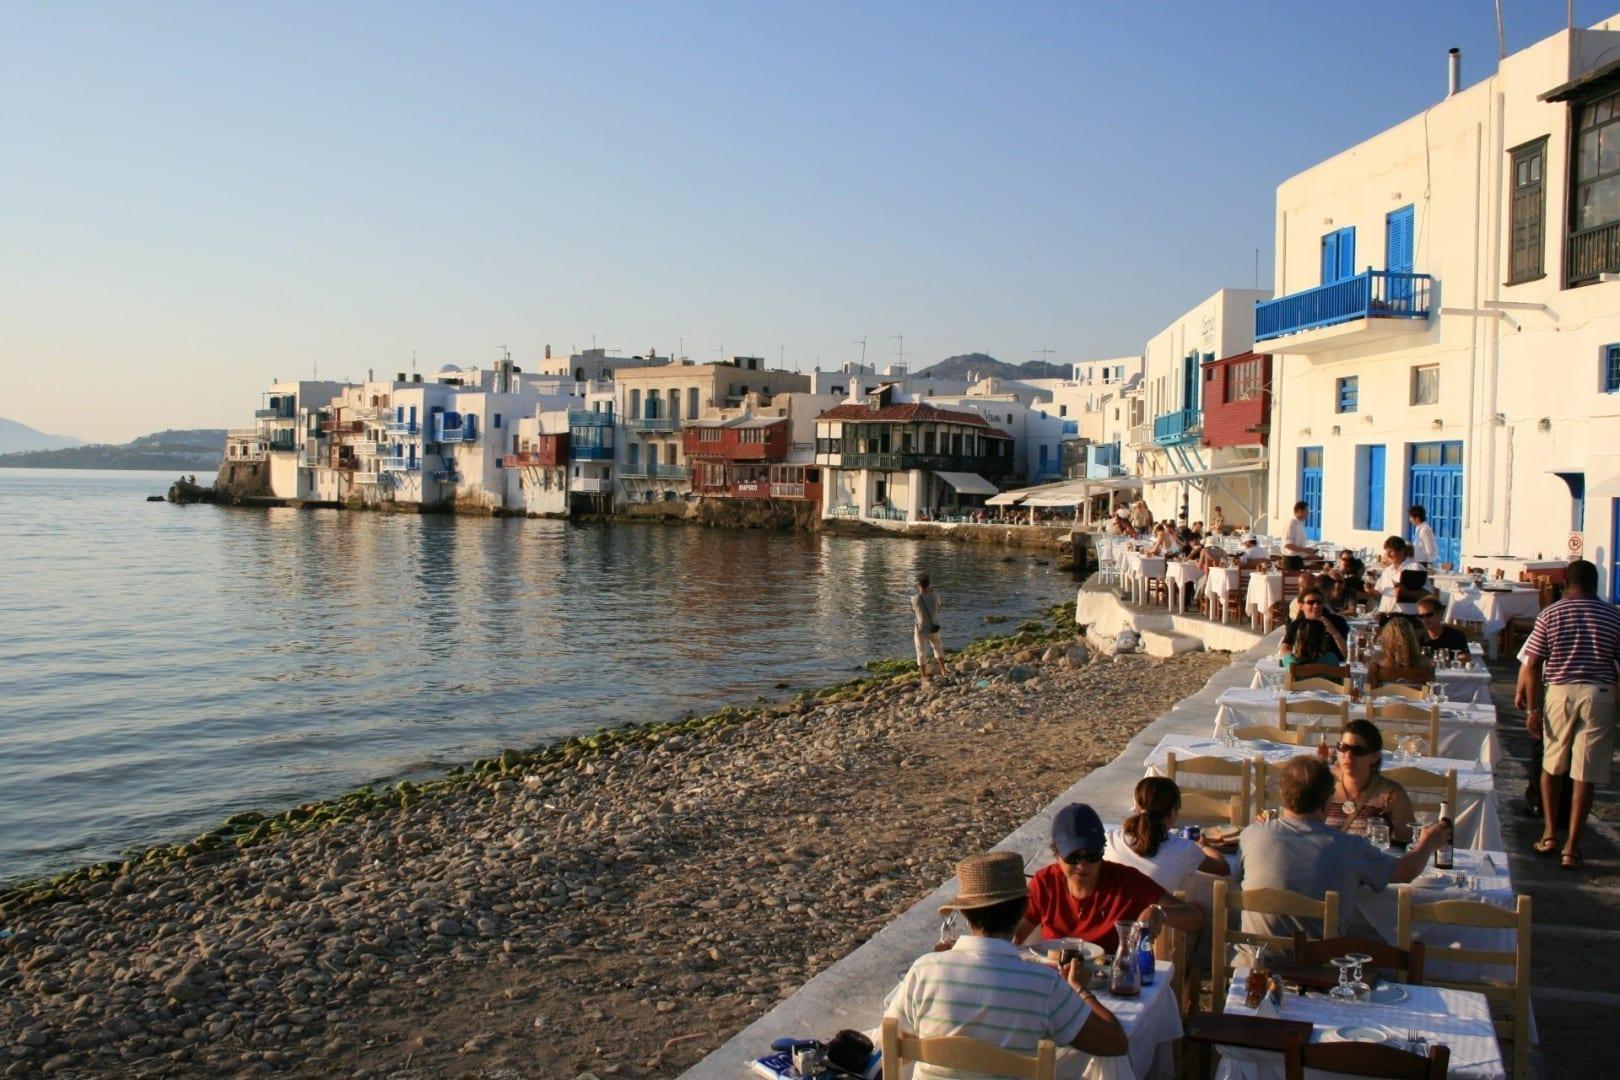 La pequeña Venecia en la ciudad de Mykonos Miconos Grecia